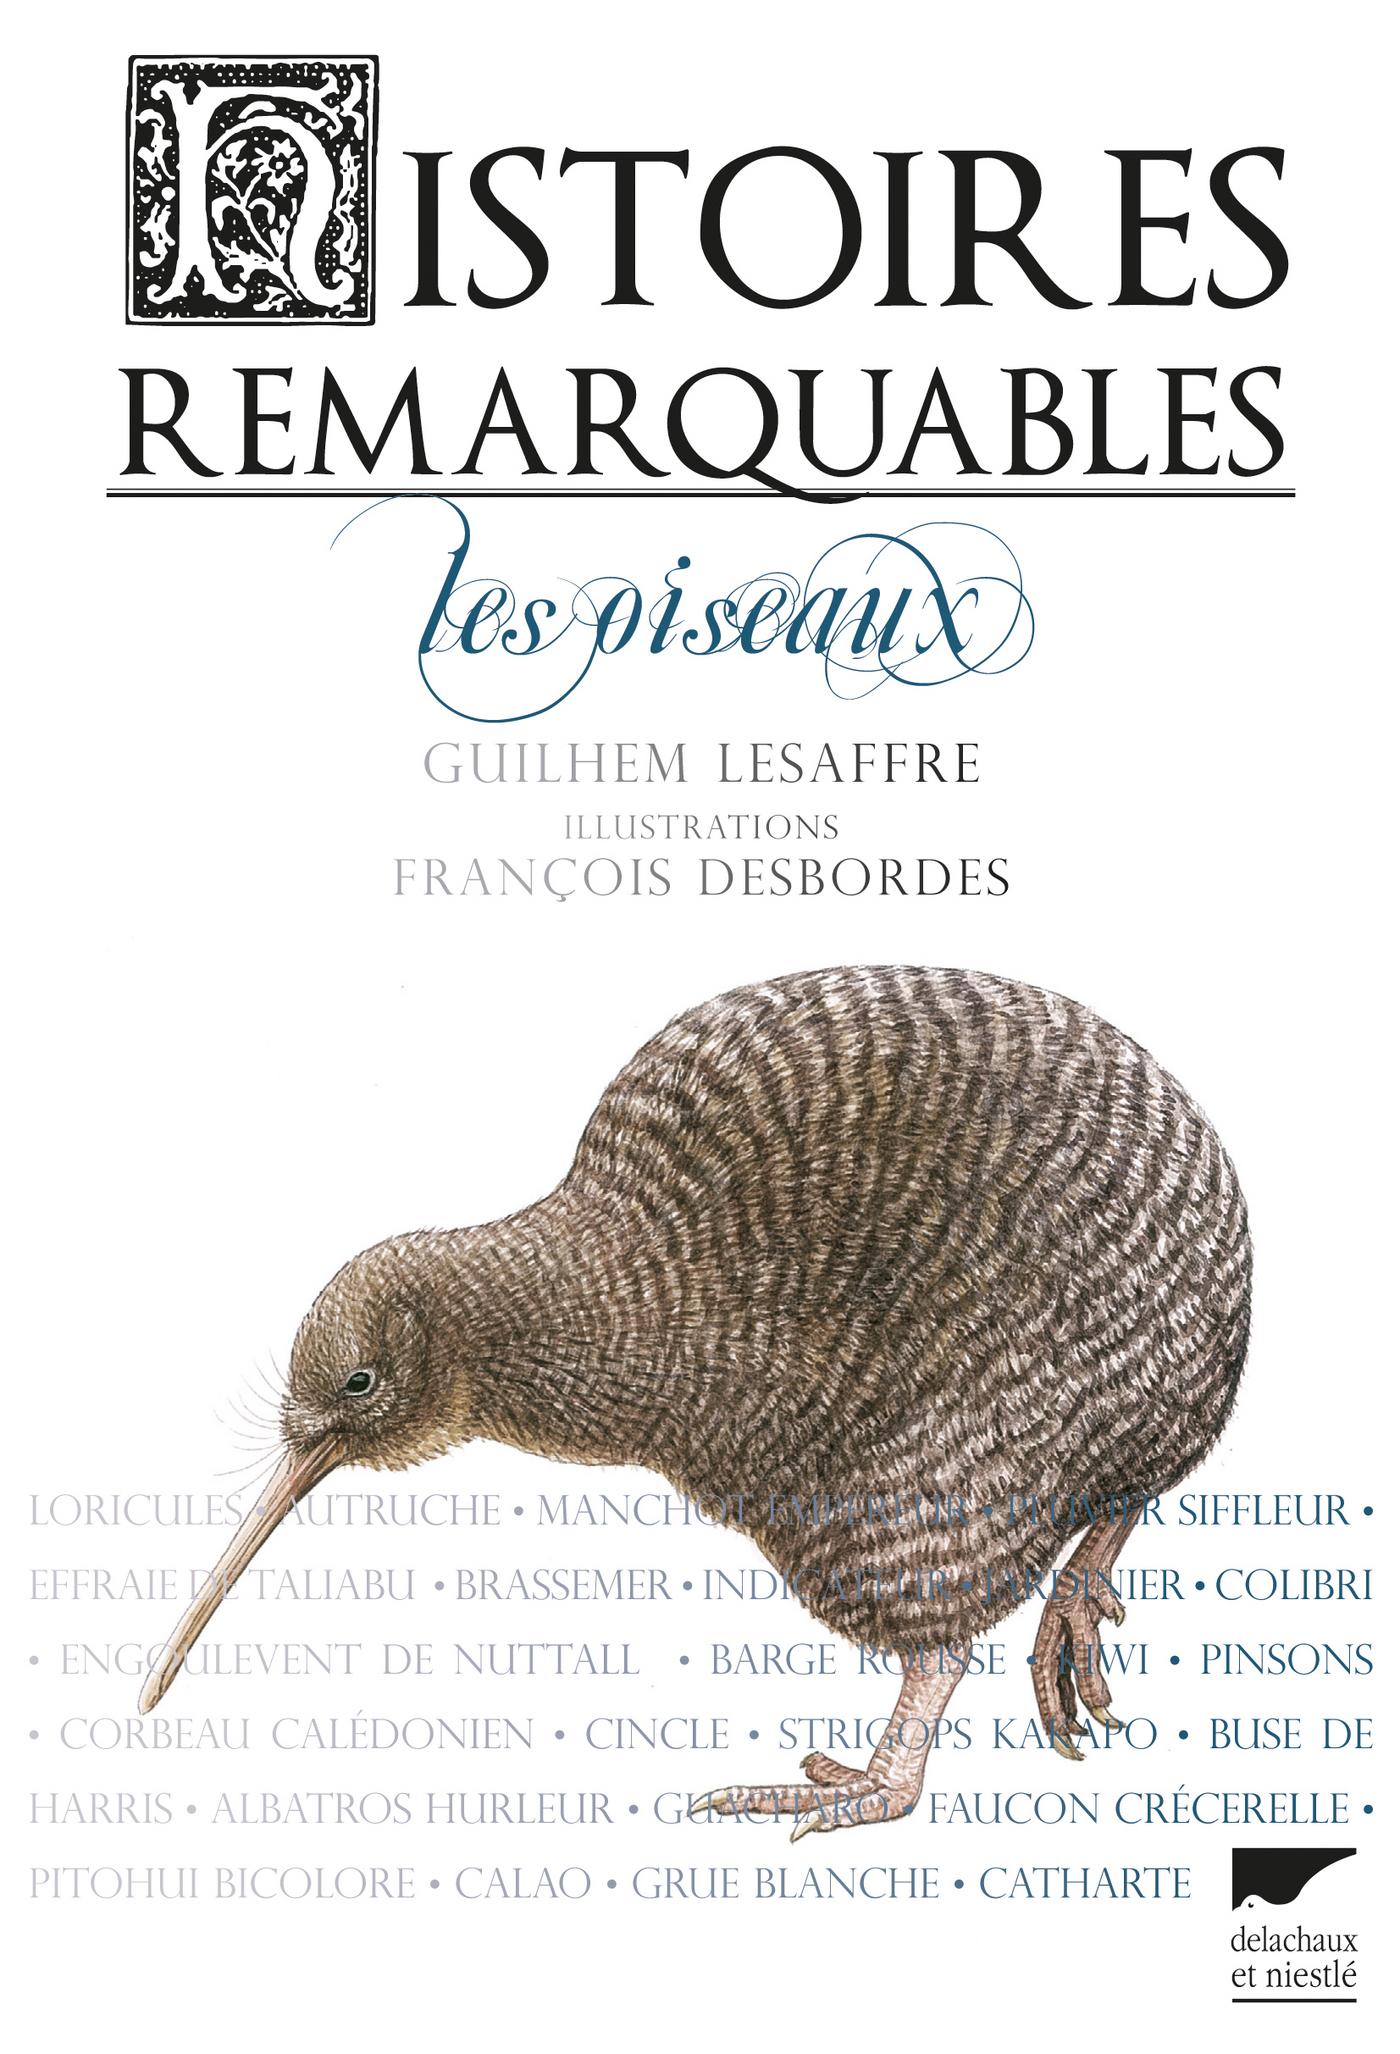 Histoires remarquables. Les oiseaux